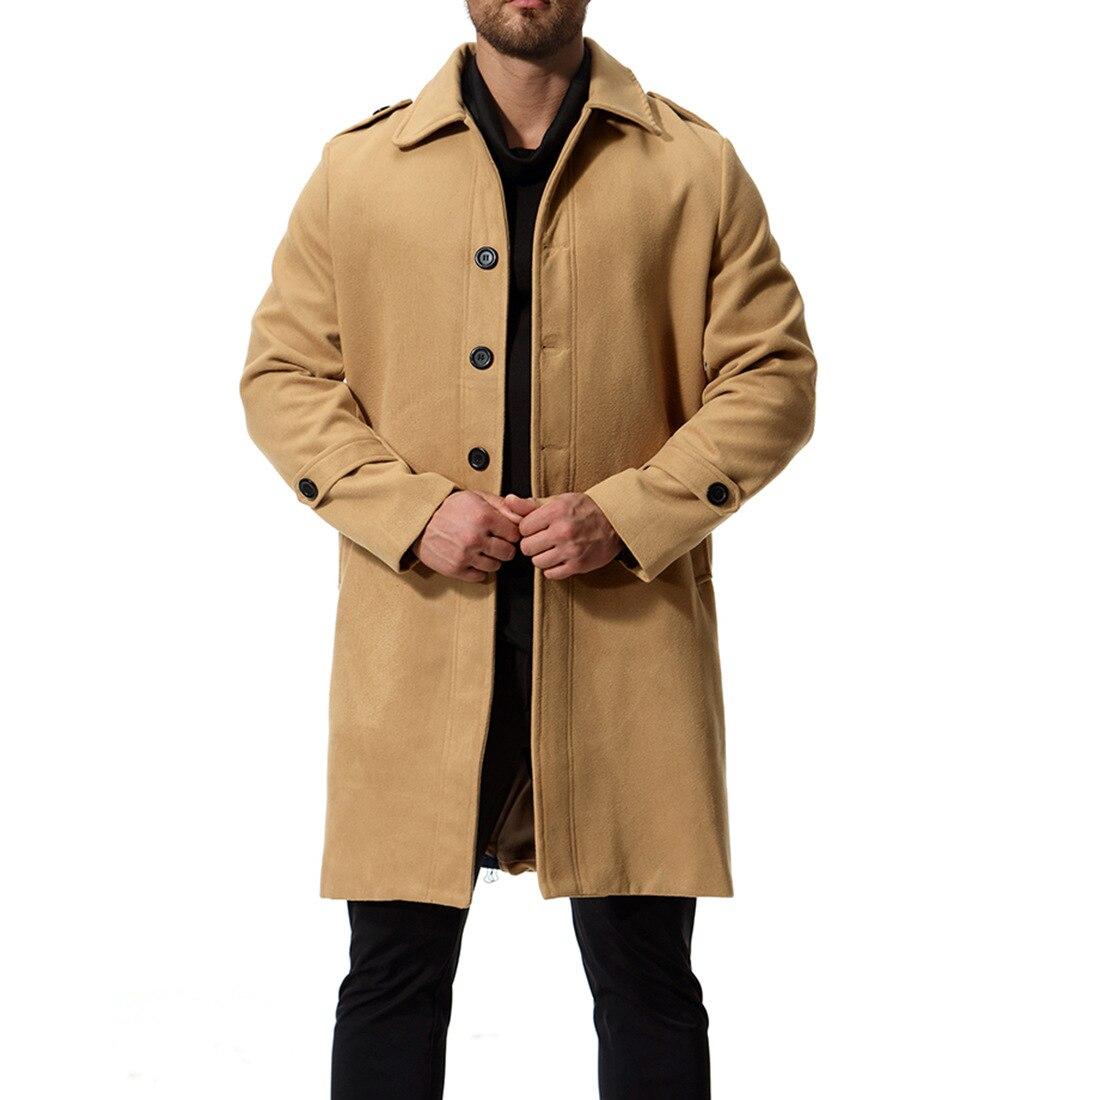 2018 hiver solide noir gris hommes manteau décontracté simple boutonnage Long manteau noir hommes col rabattu Slim à manches longues veste